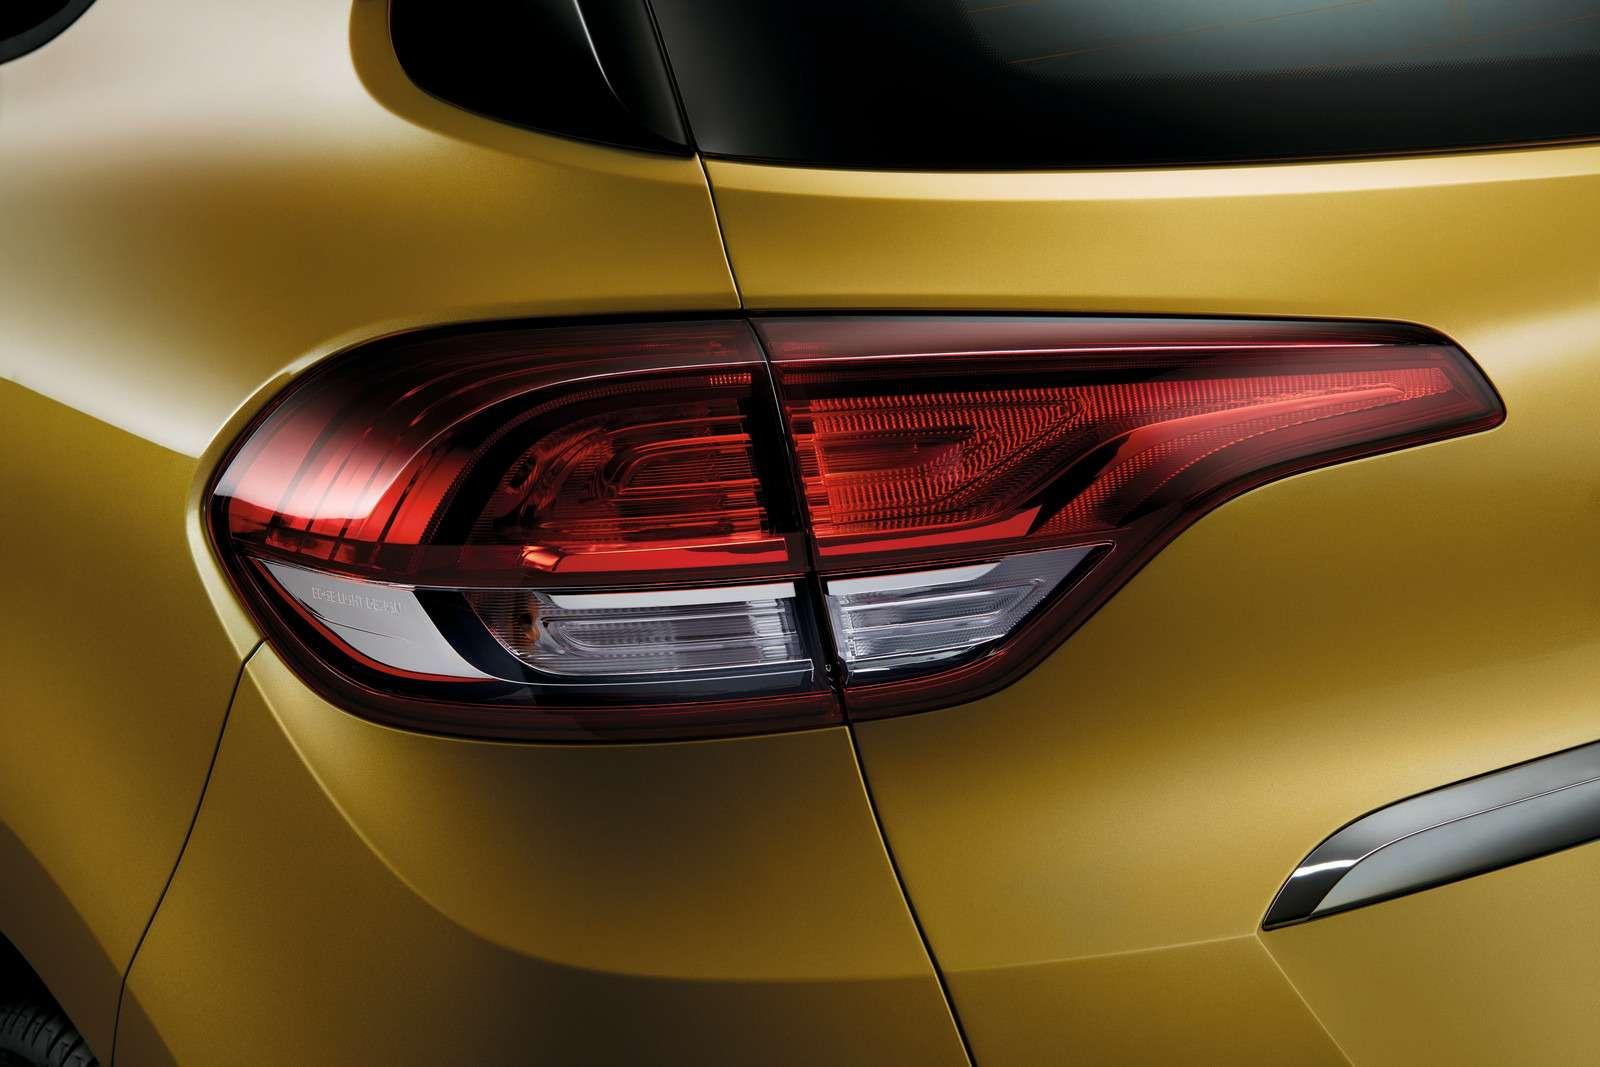 Renault_75991_global_en